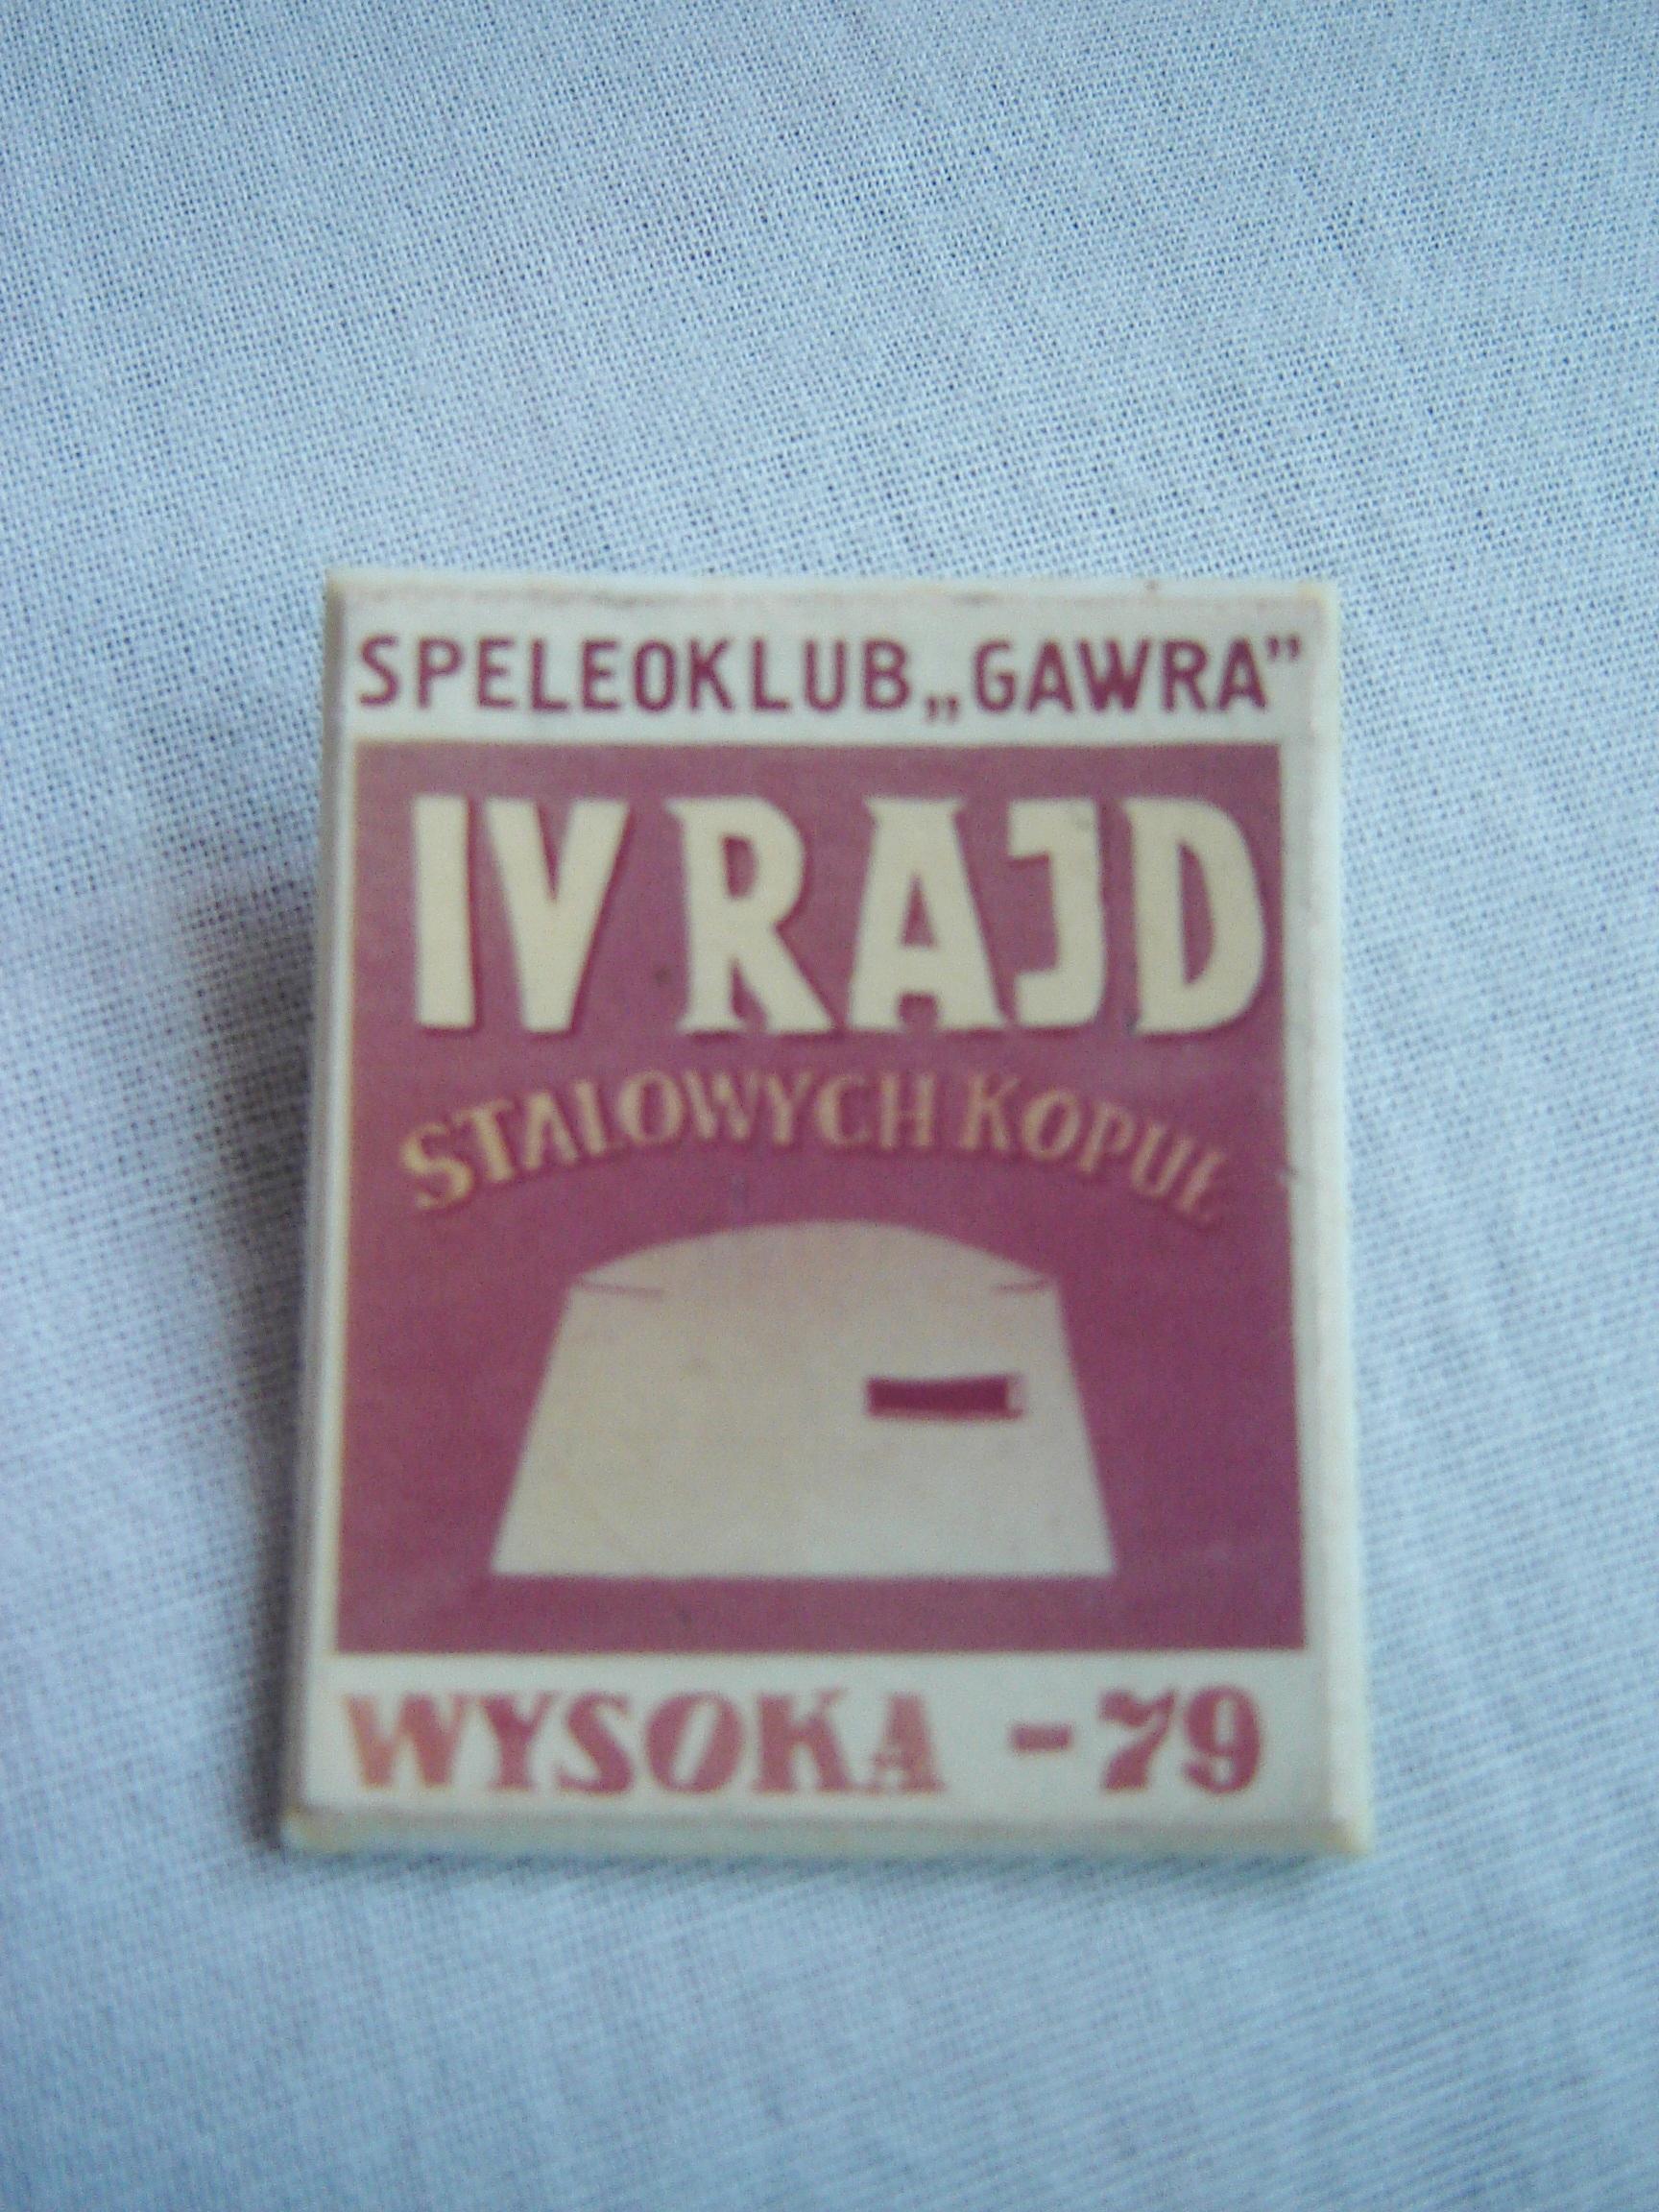 IV RAJD STALOWYCH KOPUŁ WYSOKA '79 SPALEOKLUB